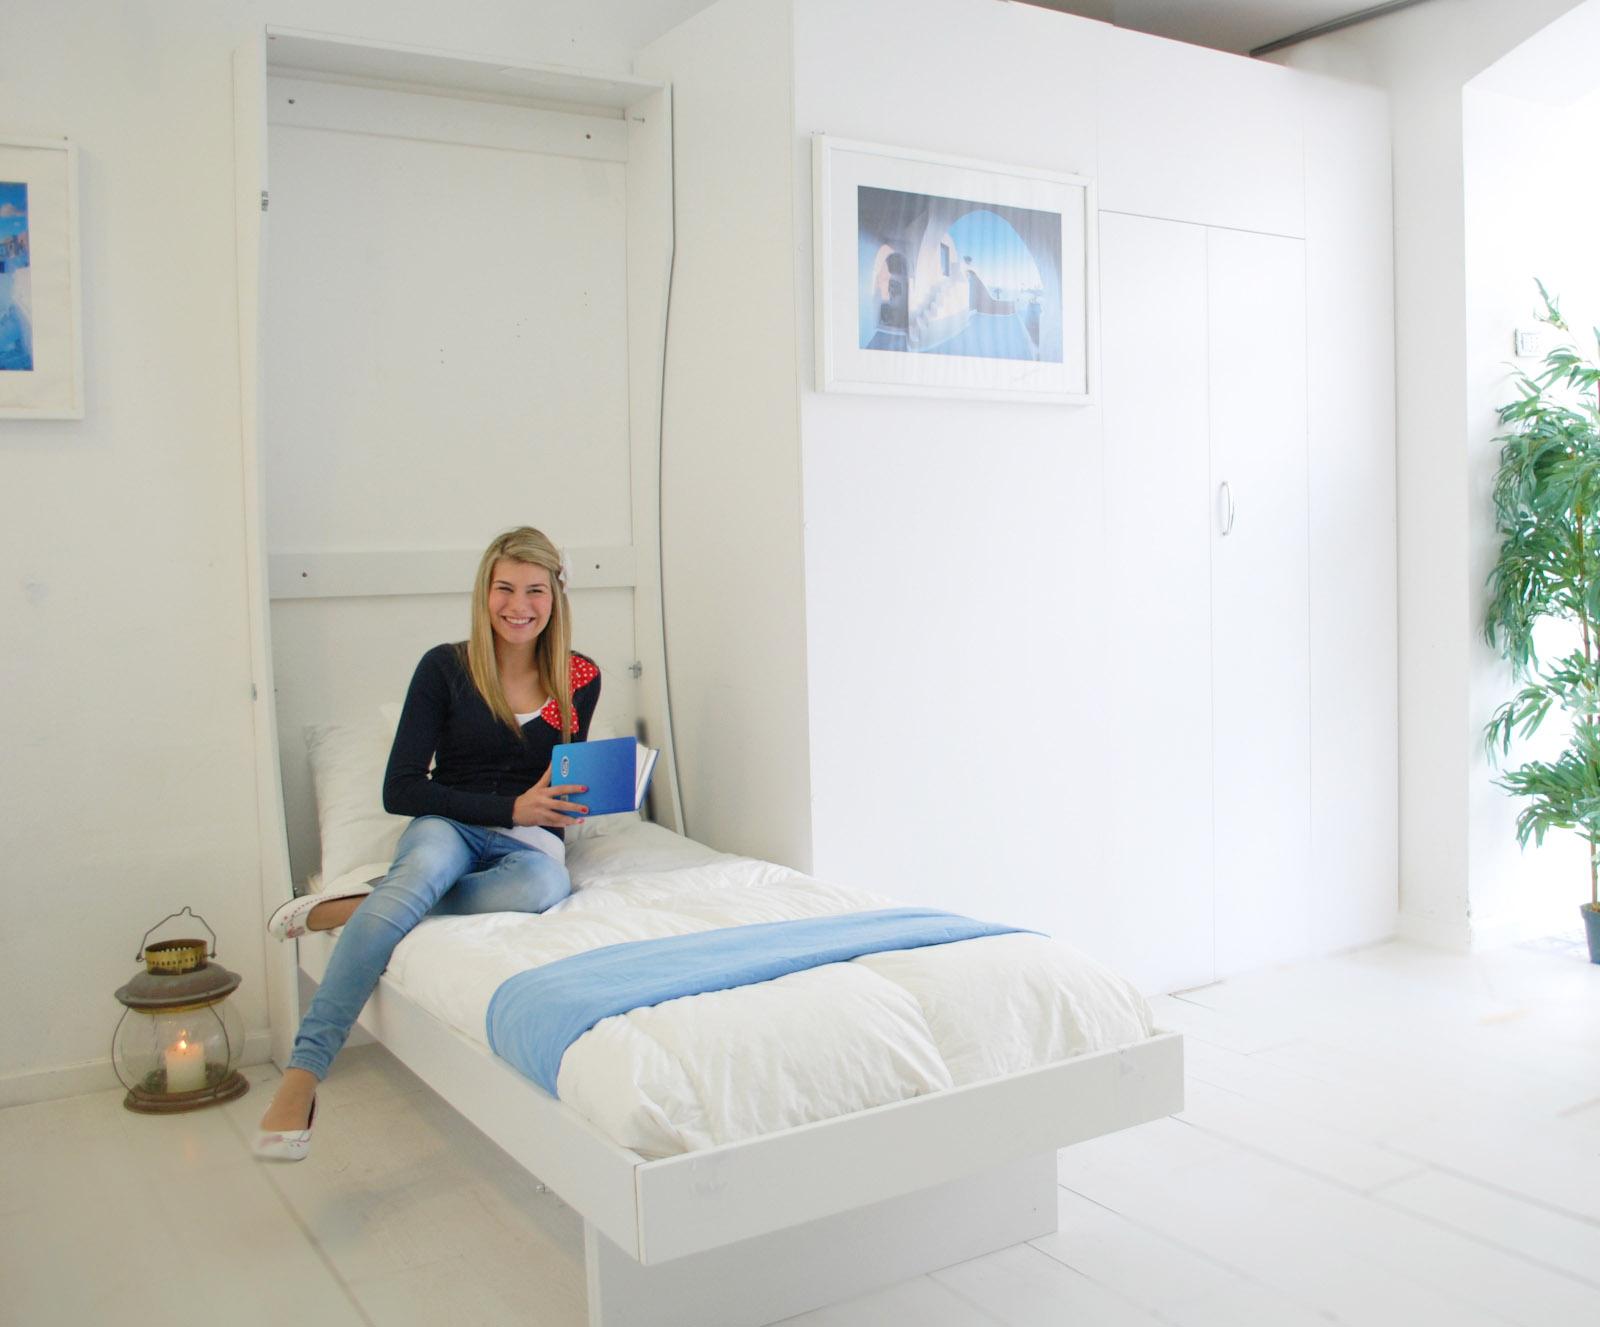 Emejing letto a parete gallery - Letto a parete ribaltabile ...